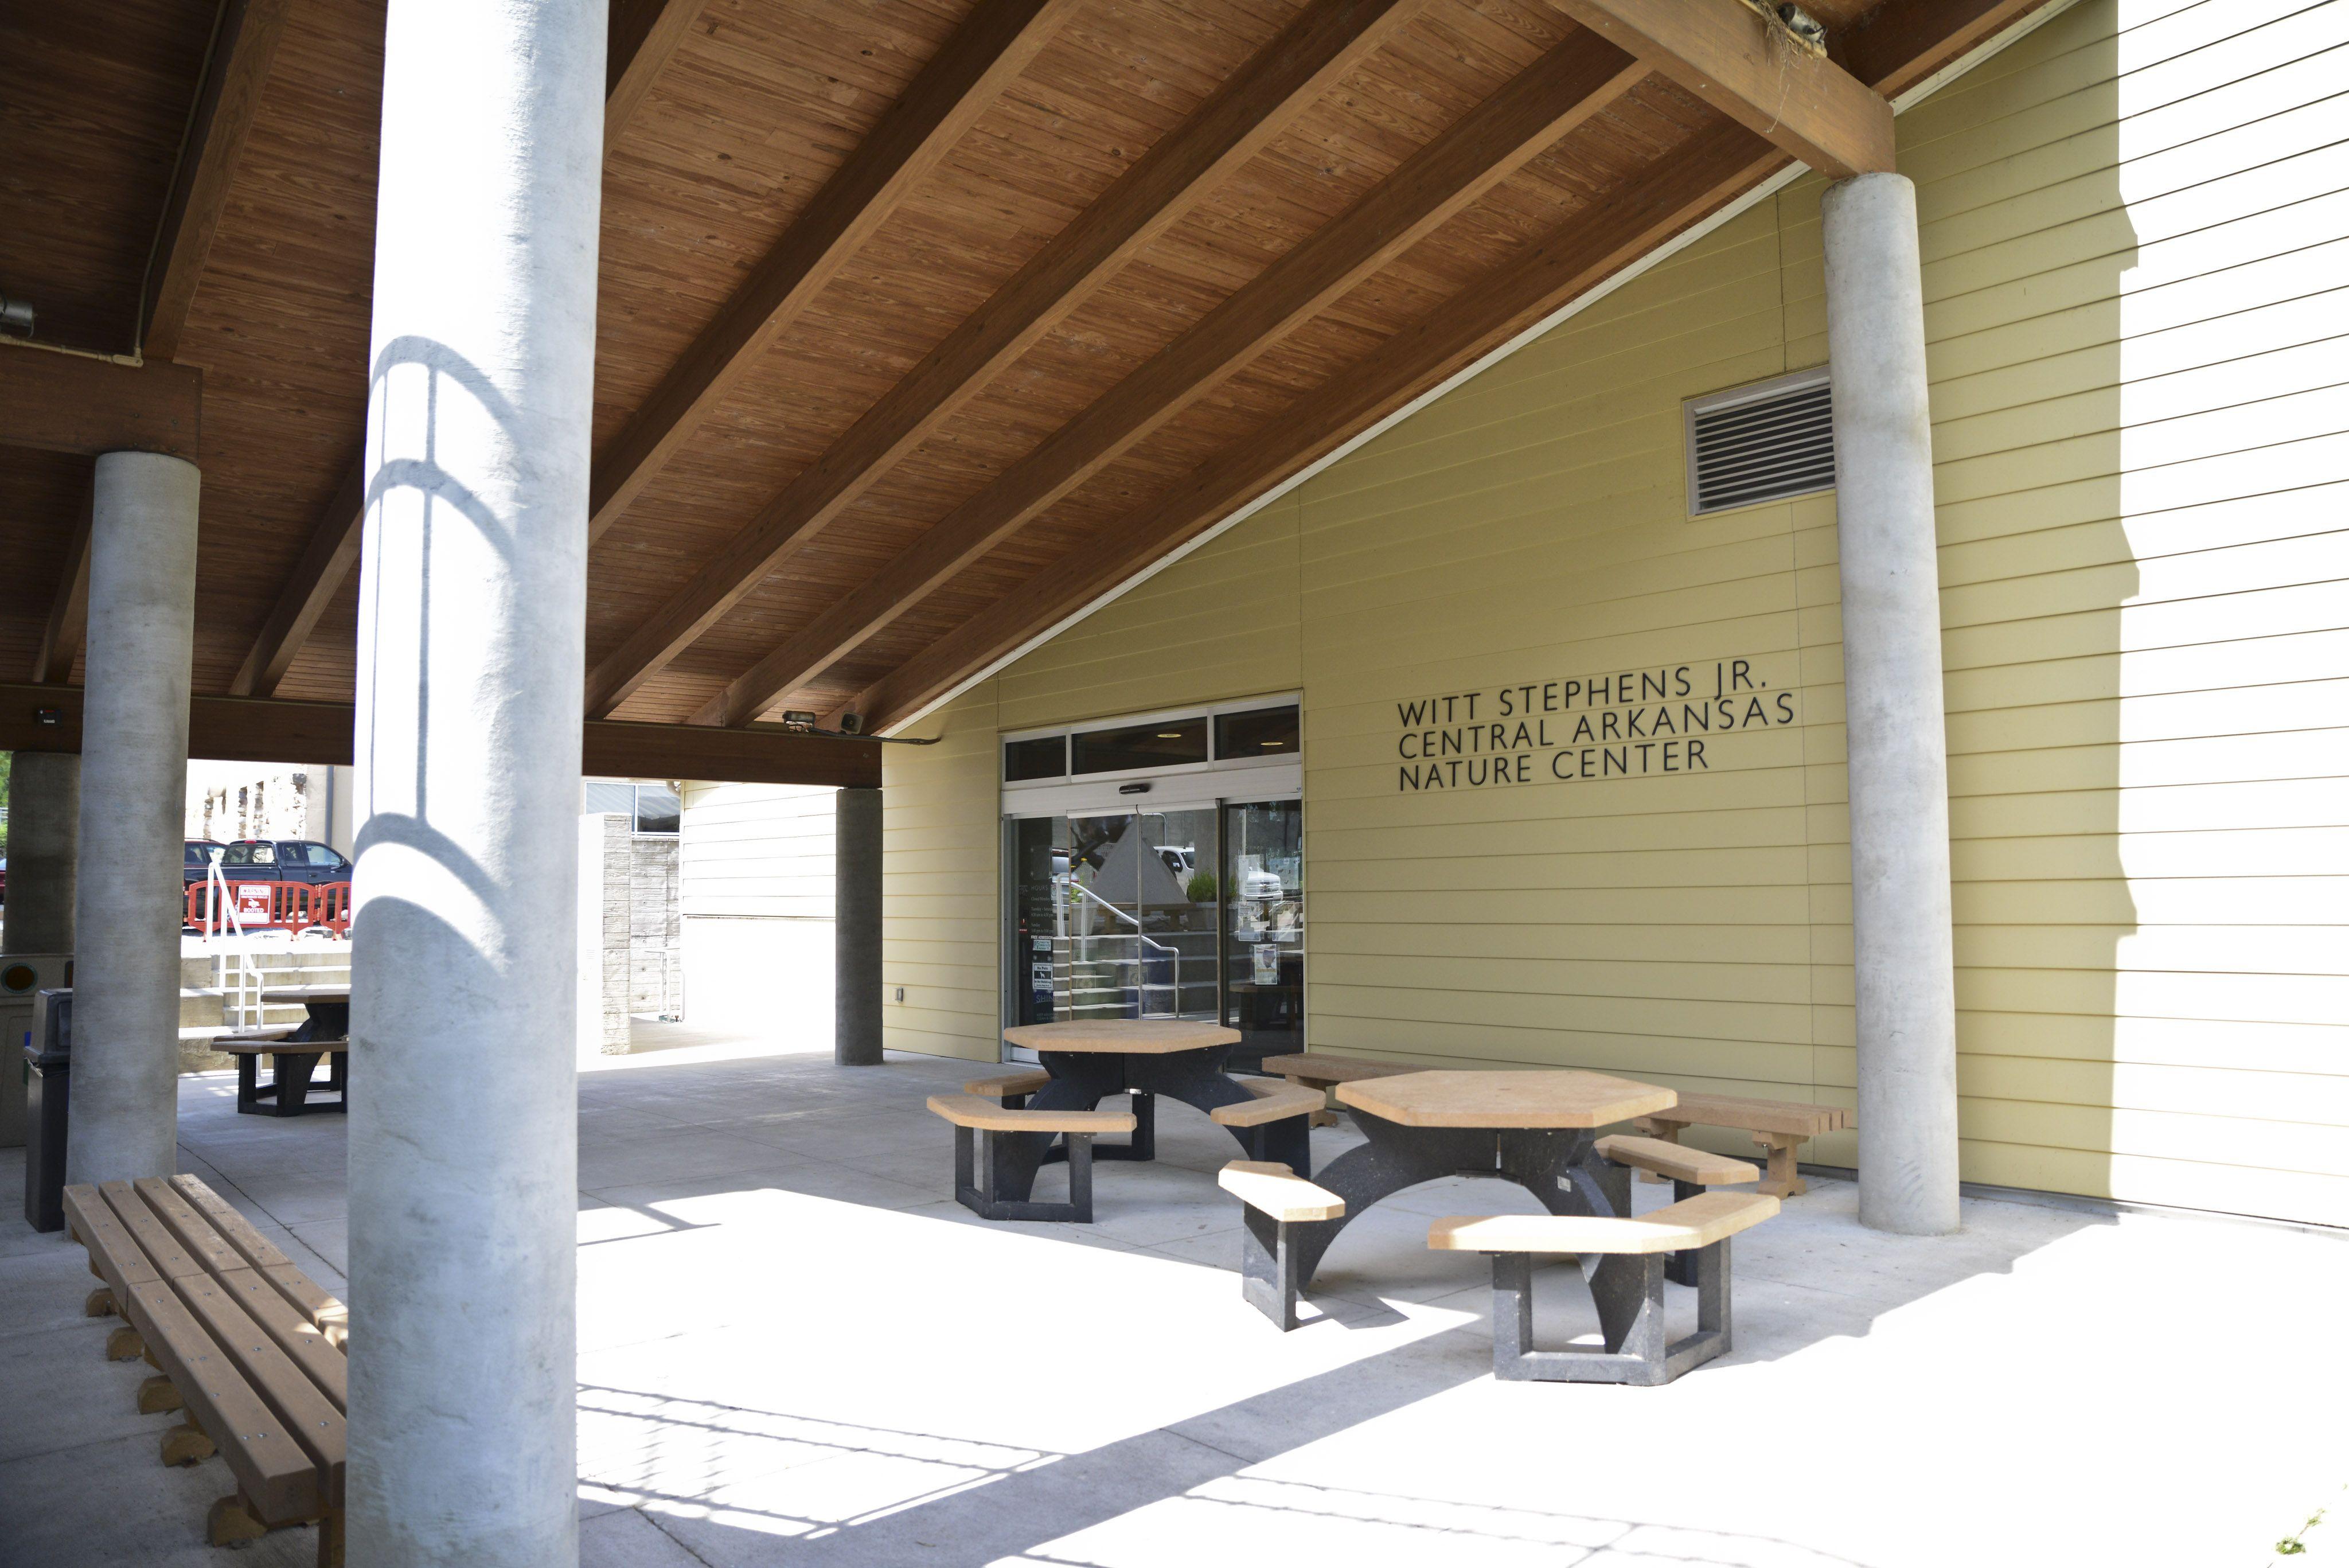 The Witt Stephens Nature Center